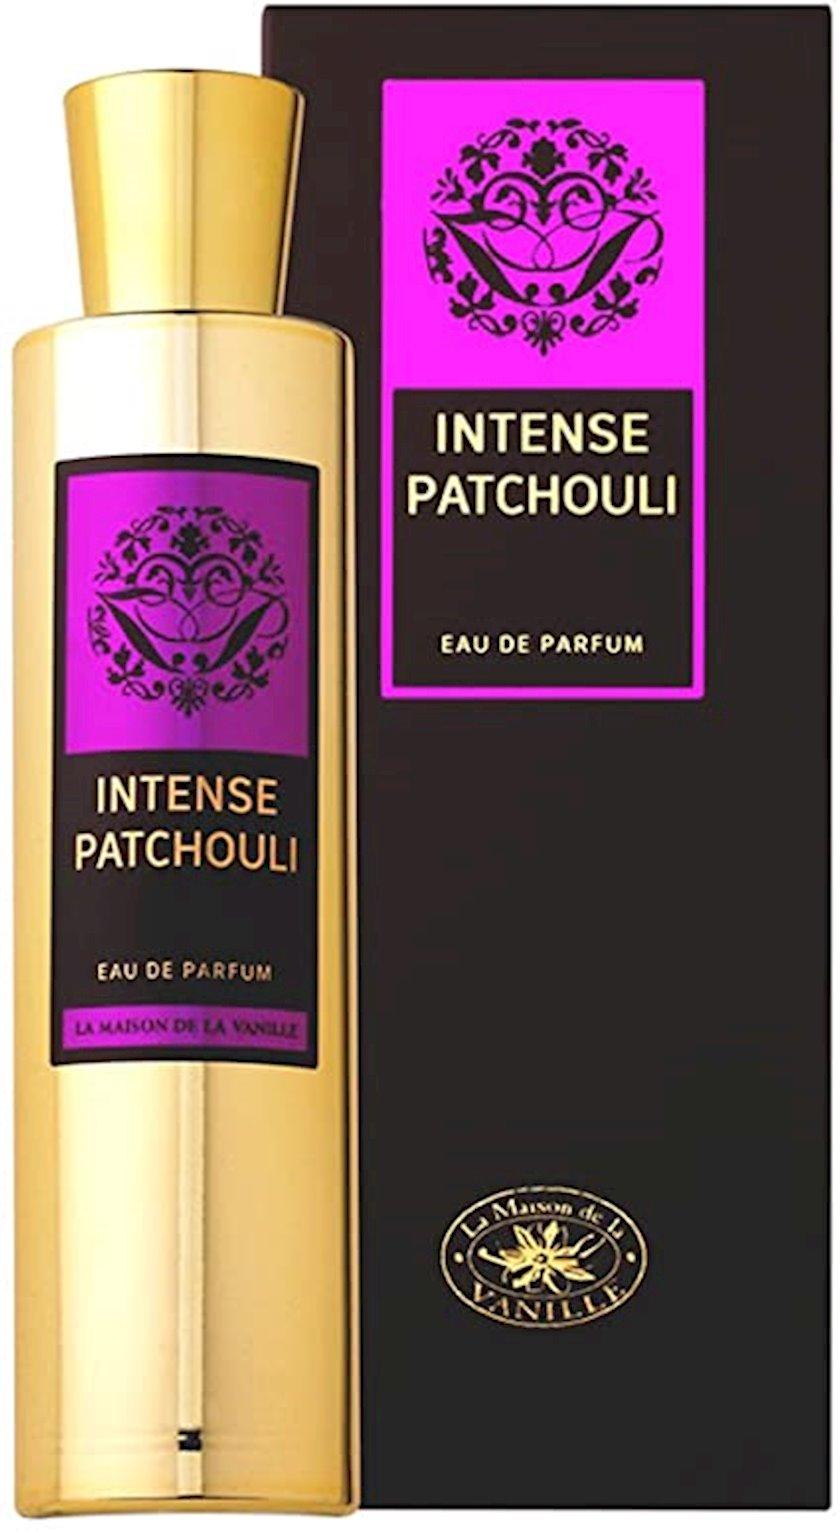 Uniseks ətir suyu La Maison de la Vanille Intense Patchouli 100ml